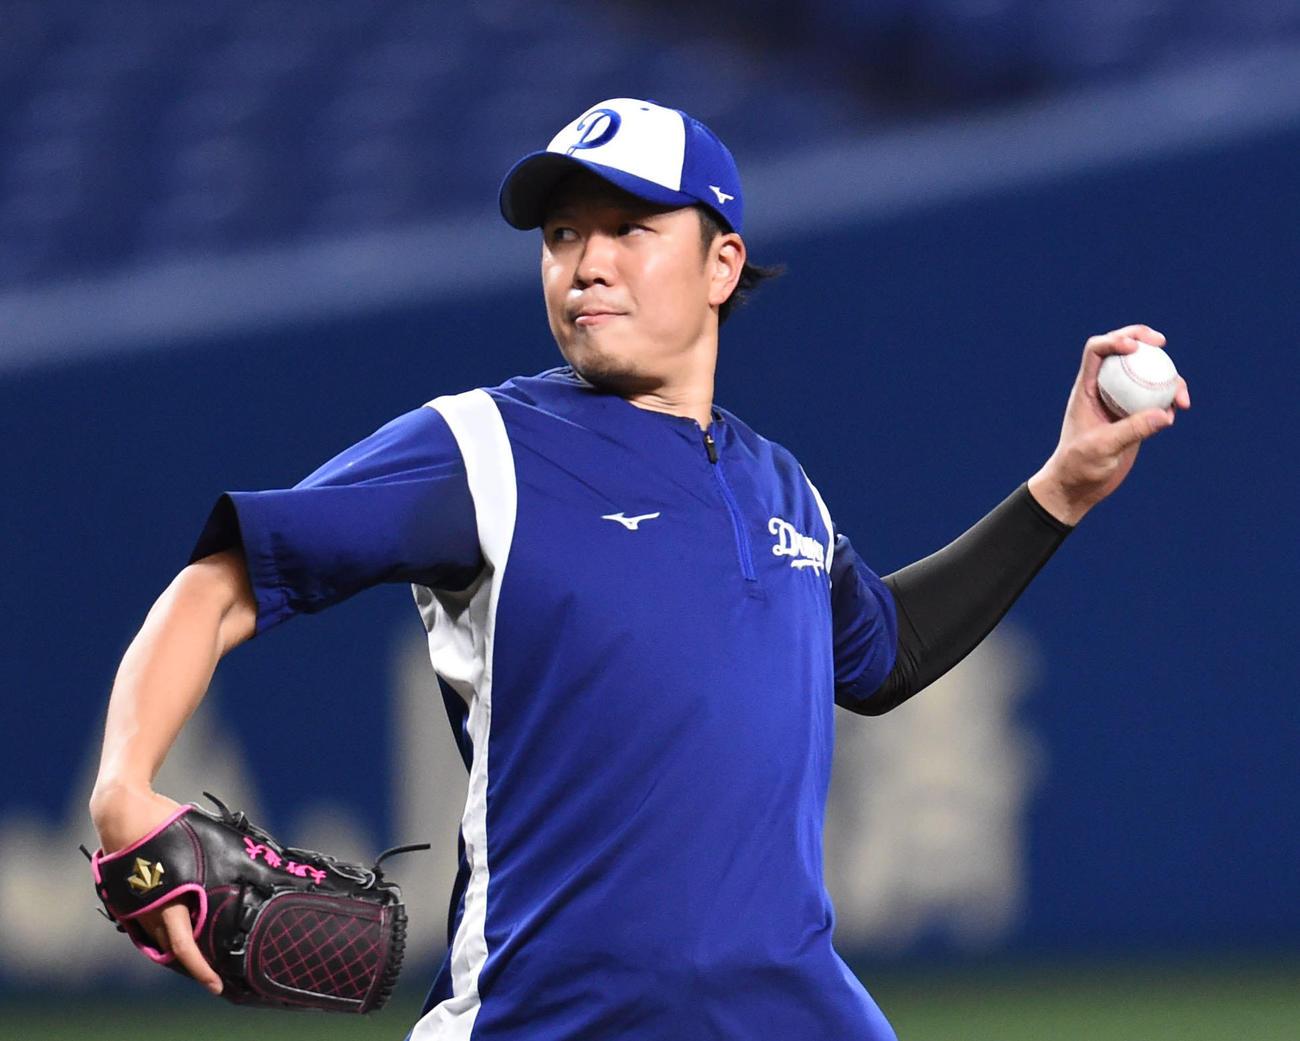 中日投手練習 マウンドを利用し投球練習をする大野雄(撮影・森本幸一)